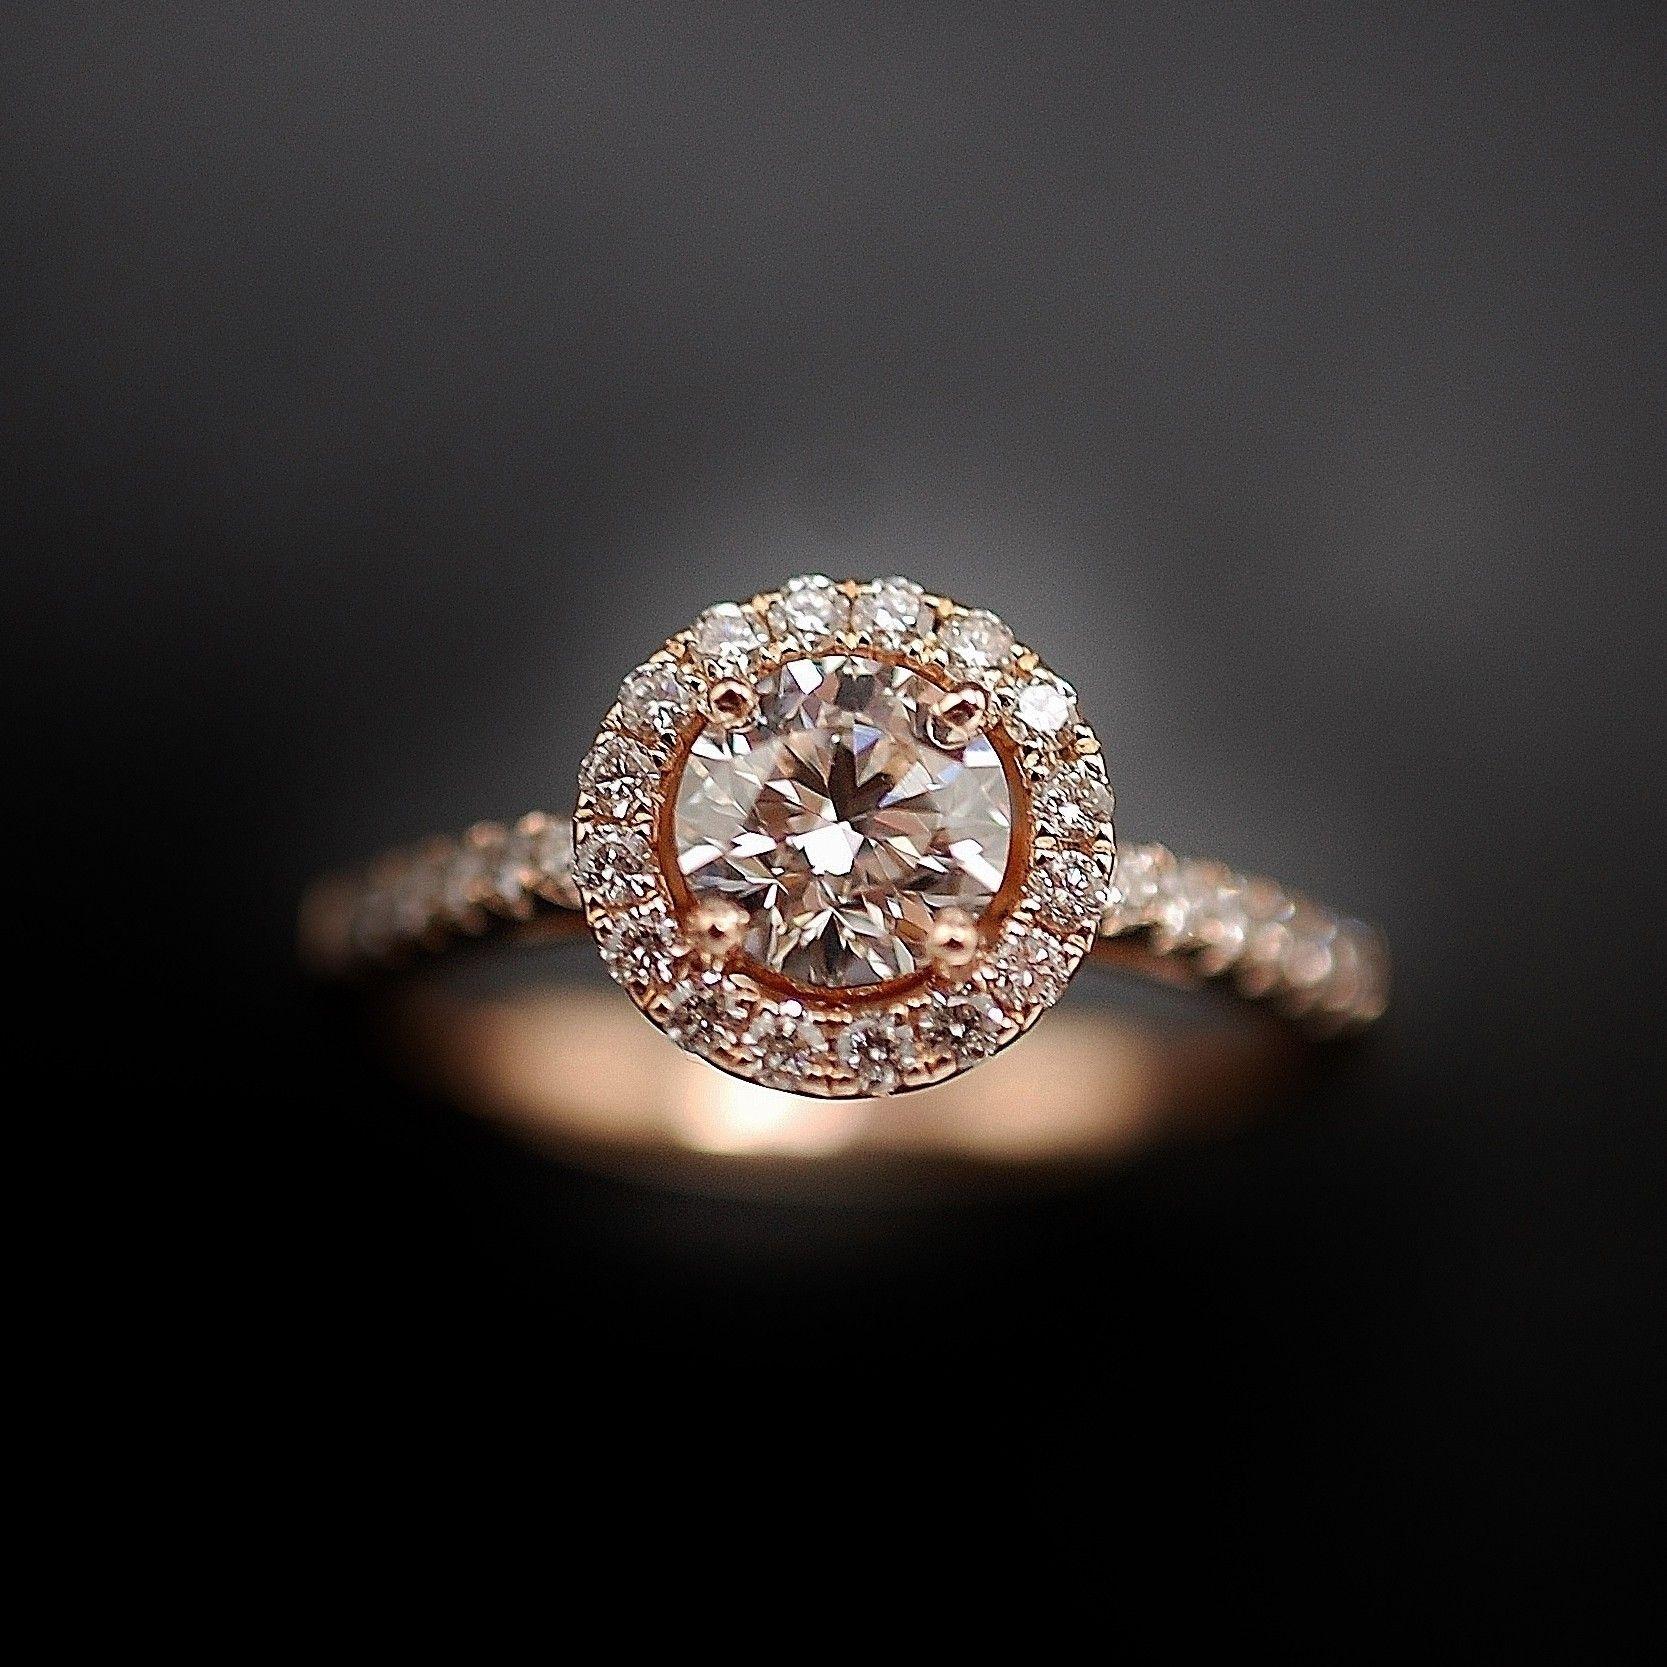 à vendre : 3300€ Solitaire en or rose 18k avec un Diamant naturel taille brillant de 0,72 Cts Couleur : F ( Extrablanc +) Pureté : VS2 (Très petites inclusions) diamètre pierre 5.7 mm Entourée de diamants brillants soit 0.30 Ct qualité G-VS poids : 3.90 gr .Taille : 53 Livré avec certificat GIA mise à la taille offerte Vendu avec Facture